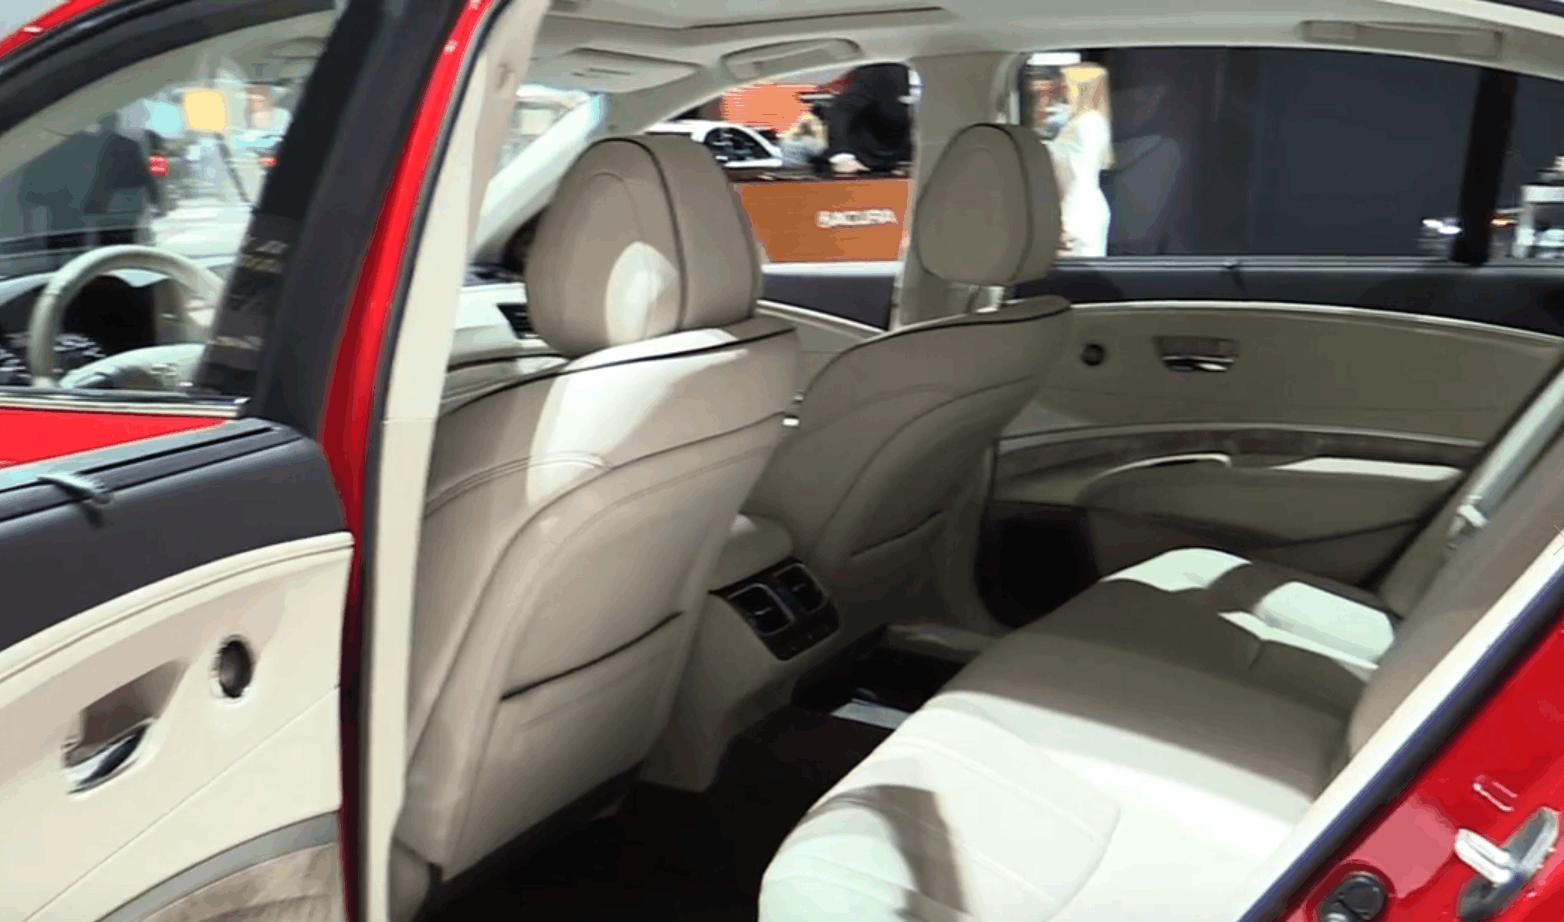 2018讴歌RLX全新上市, 颜值上不输任何百万豪车 起售价才36.4万